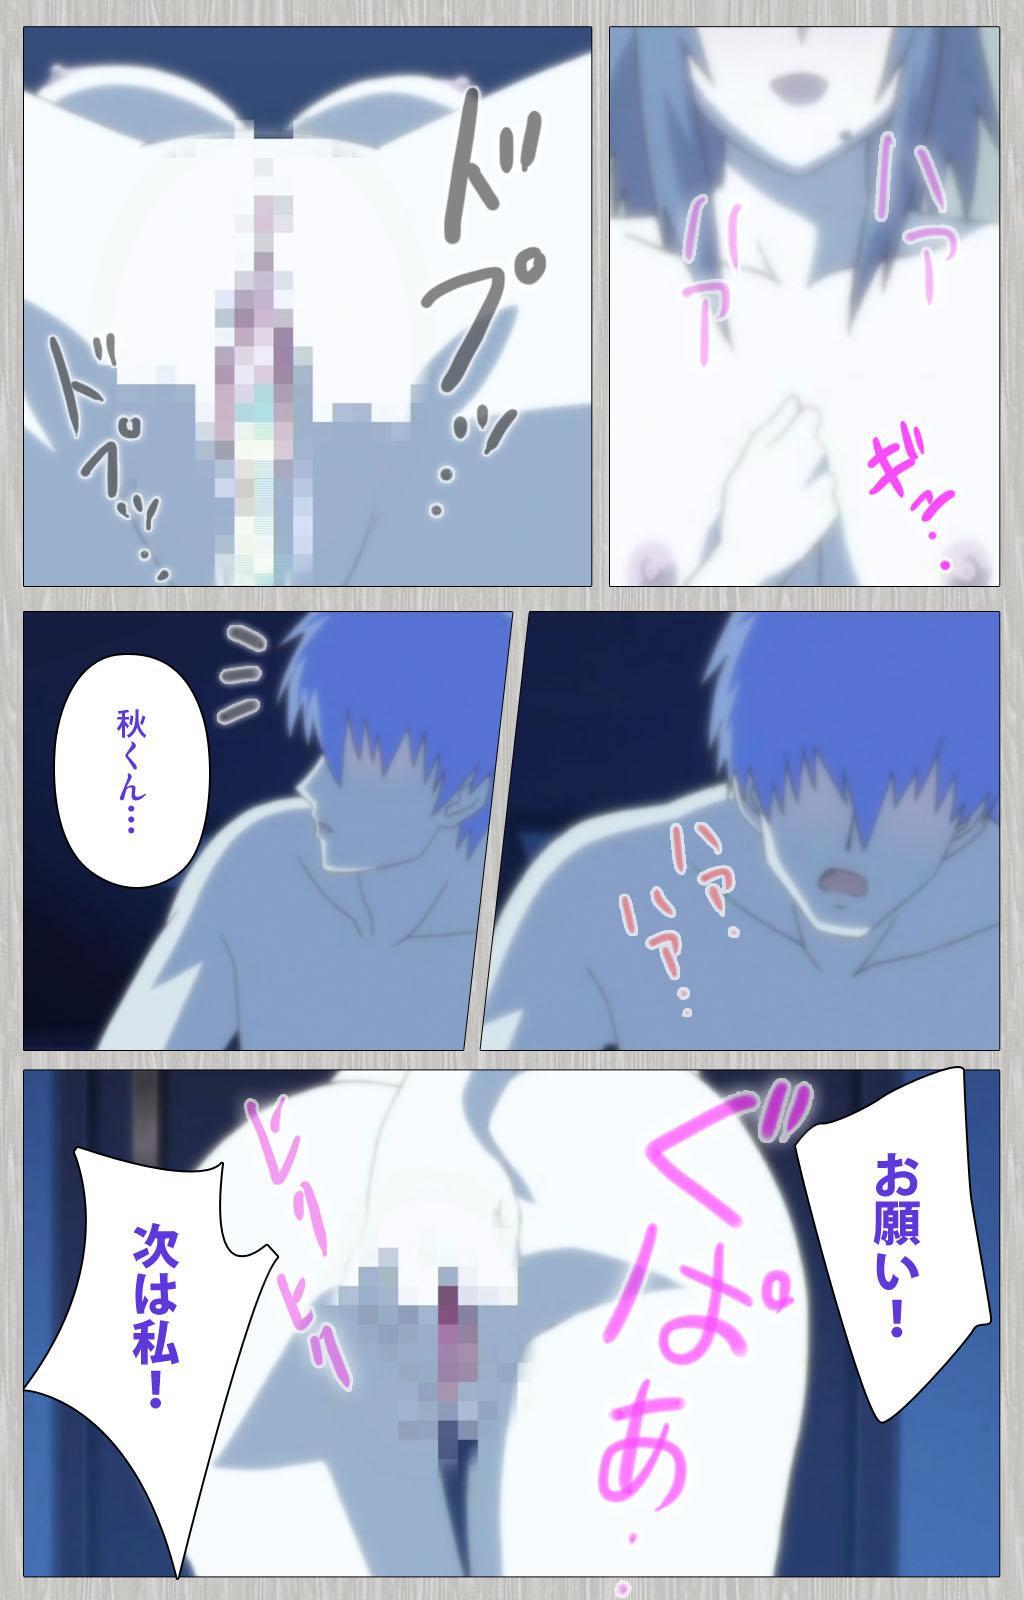 Tsuma no haha Sayuri Kanzenban 114